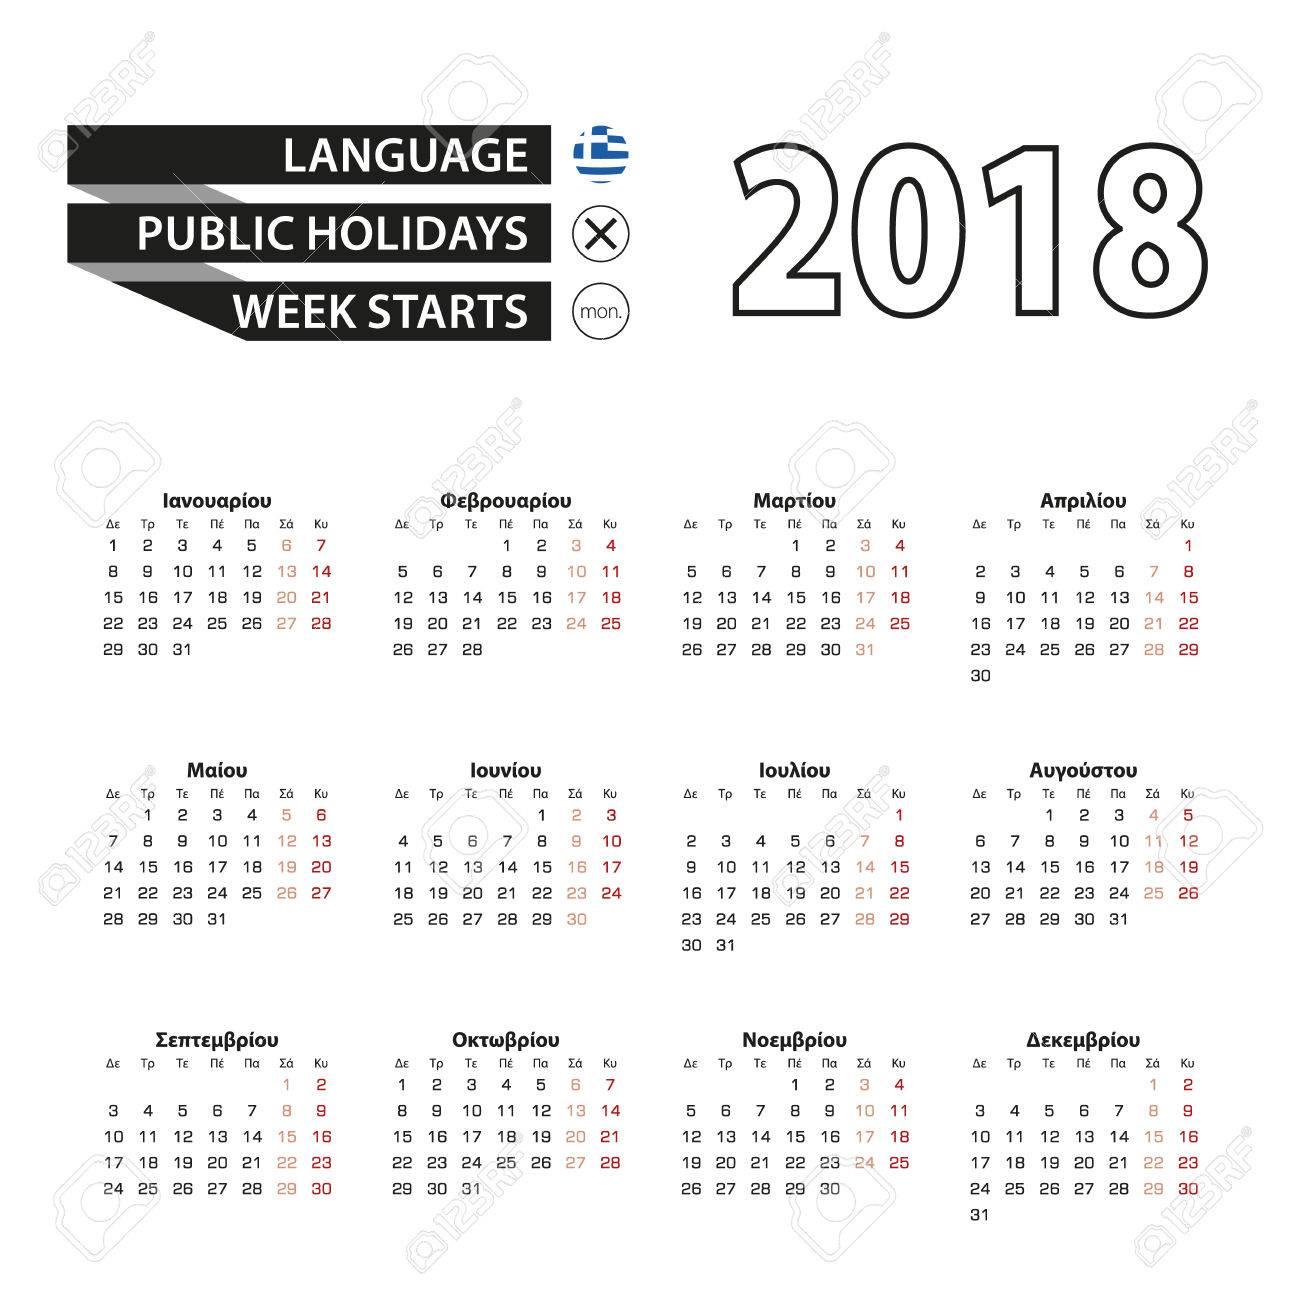 Calendario Greco.Calendario 2018 In Lingua Greca La Settimana Inizia Dal Lunedi Calendario Semplice Illustrazione Vettoriale